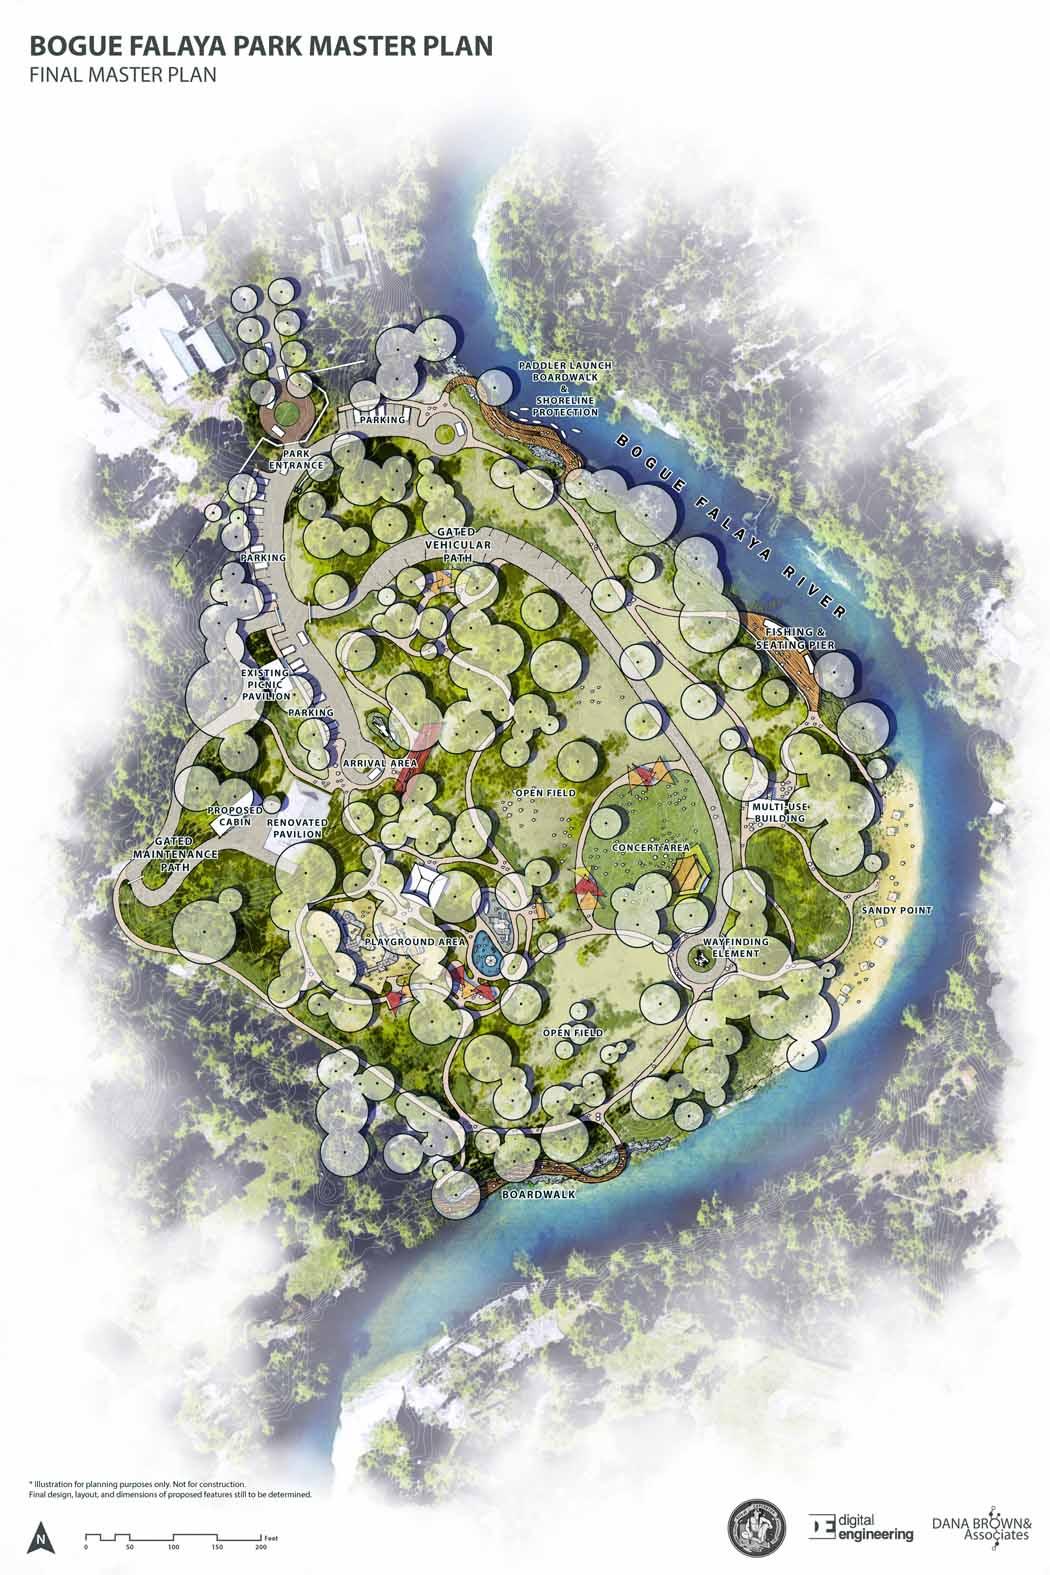 Bogue Falaya Park Master Plan